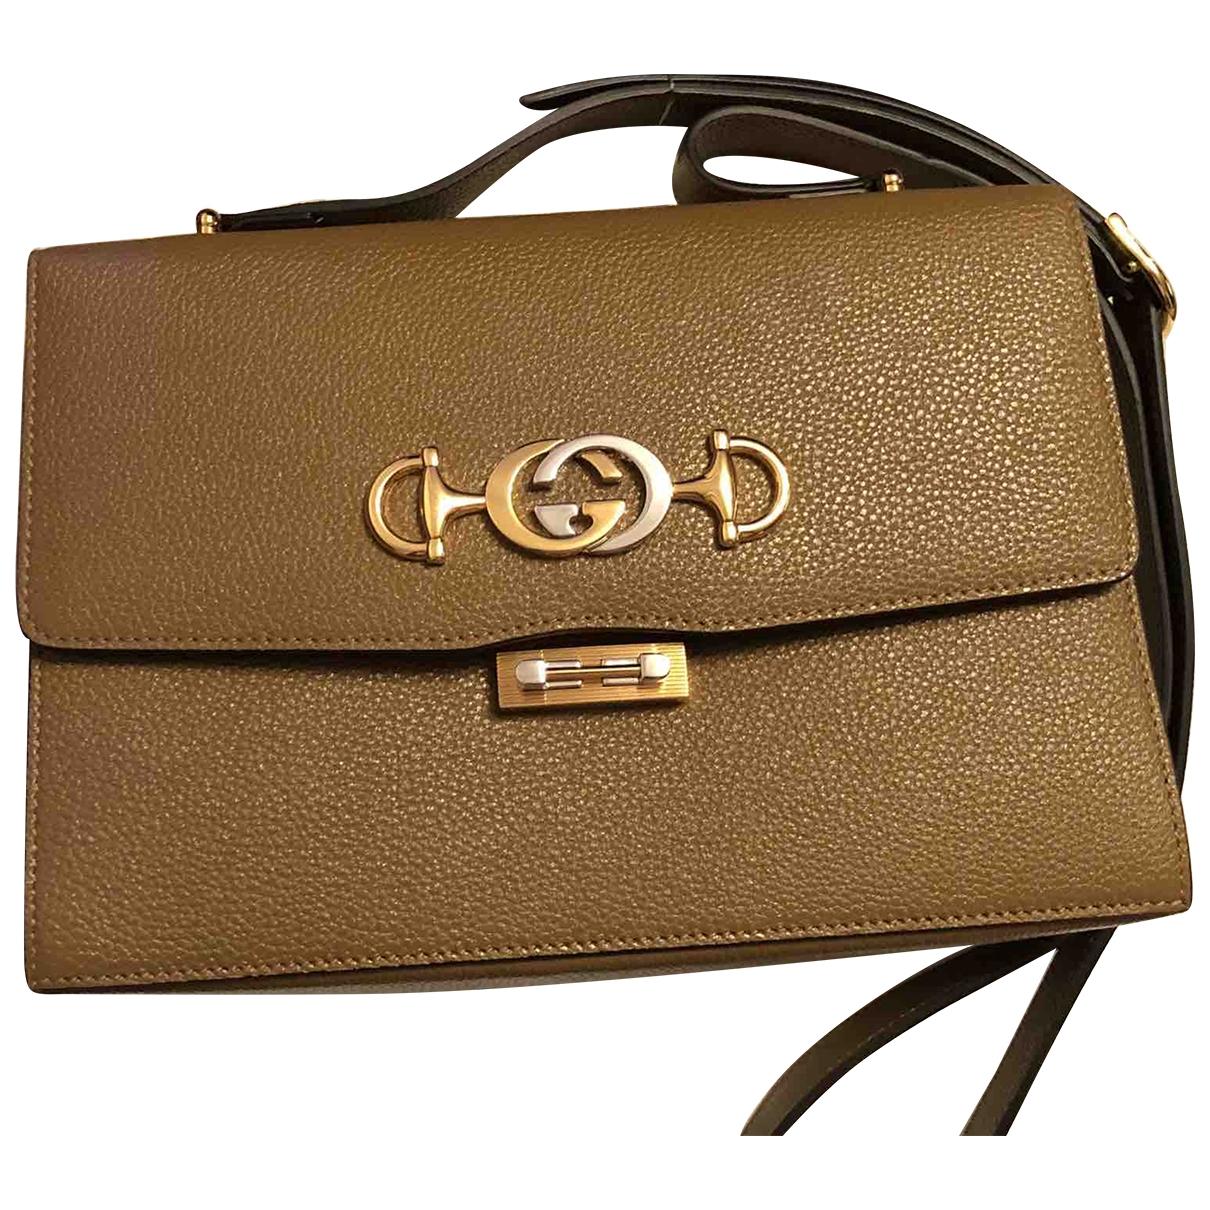 Gucci Zumi Handtasche in  Braun Leder